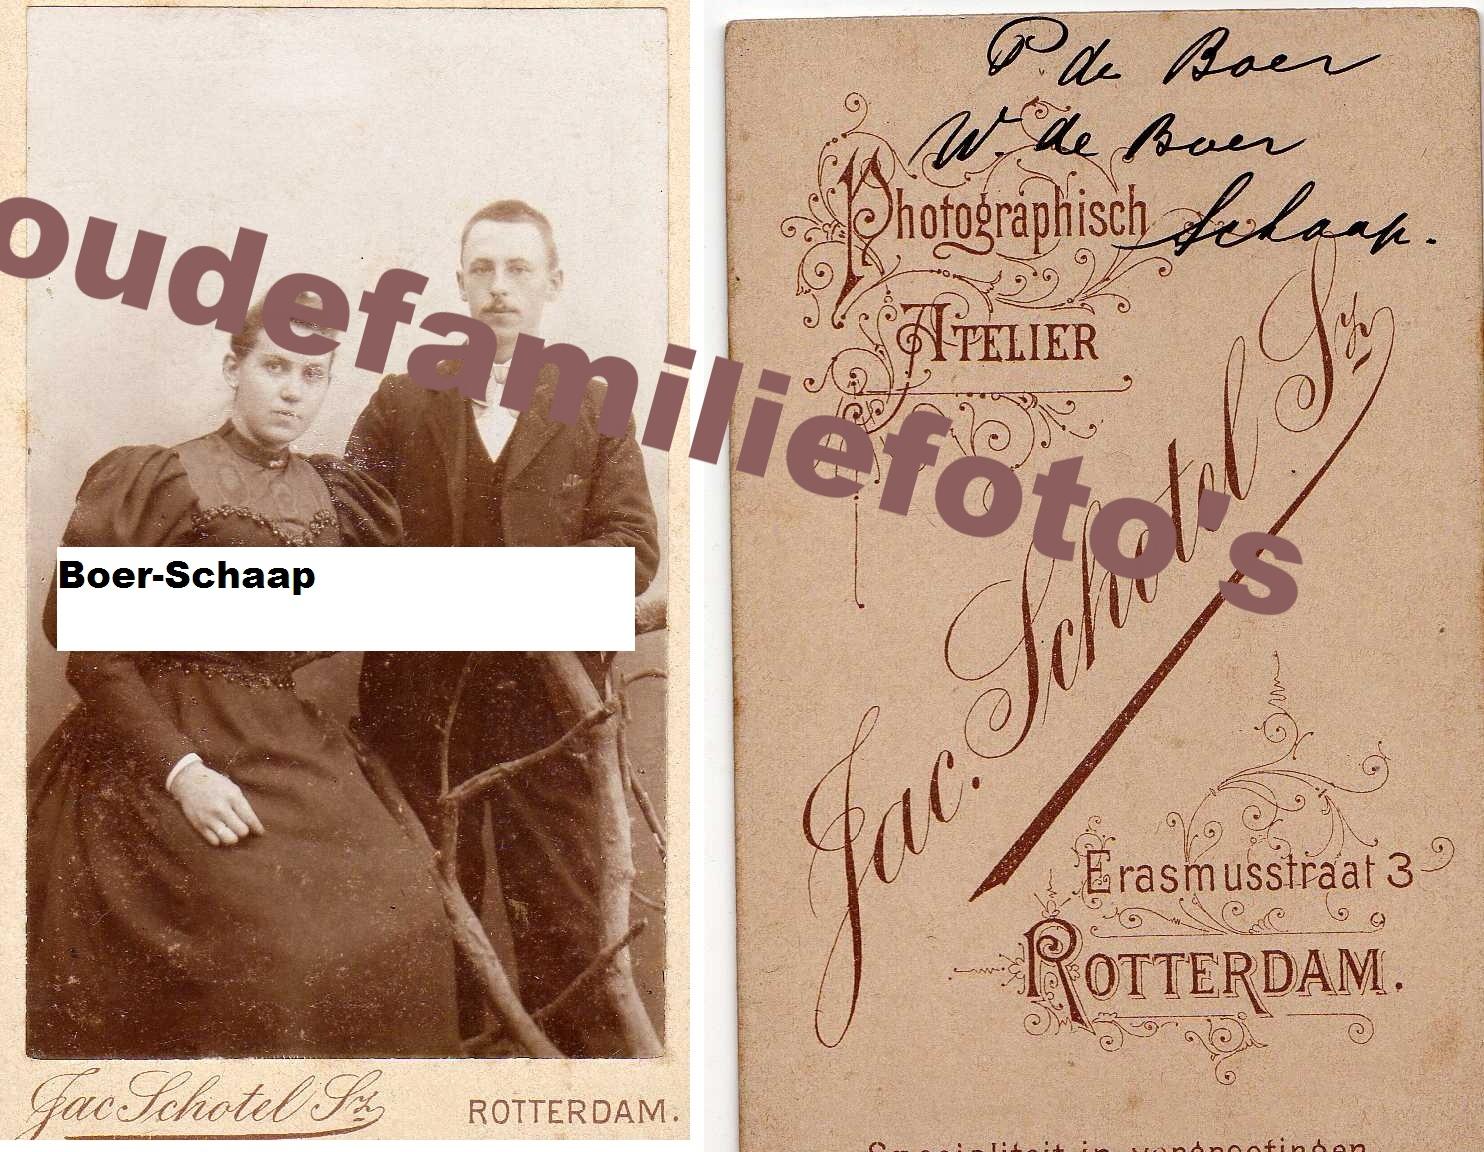 Schaap, W getrouwd met P. Boer € 3,00